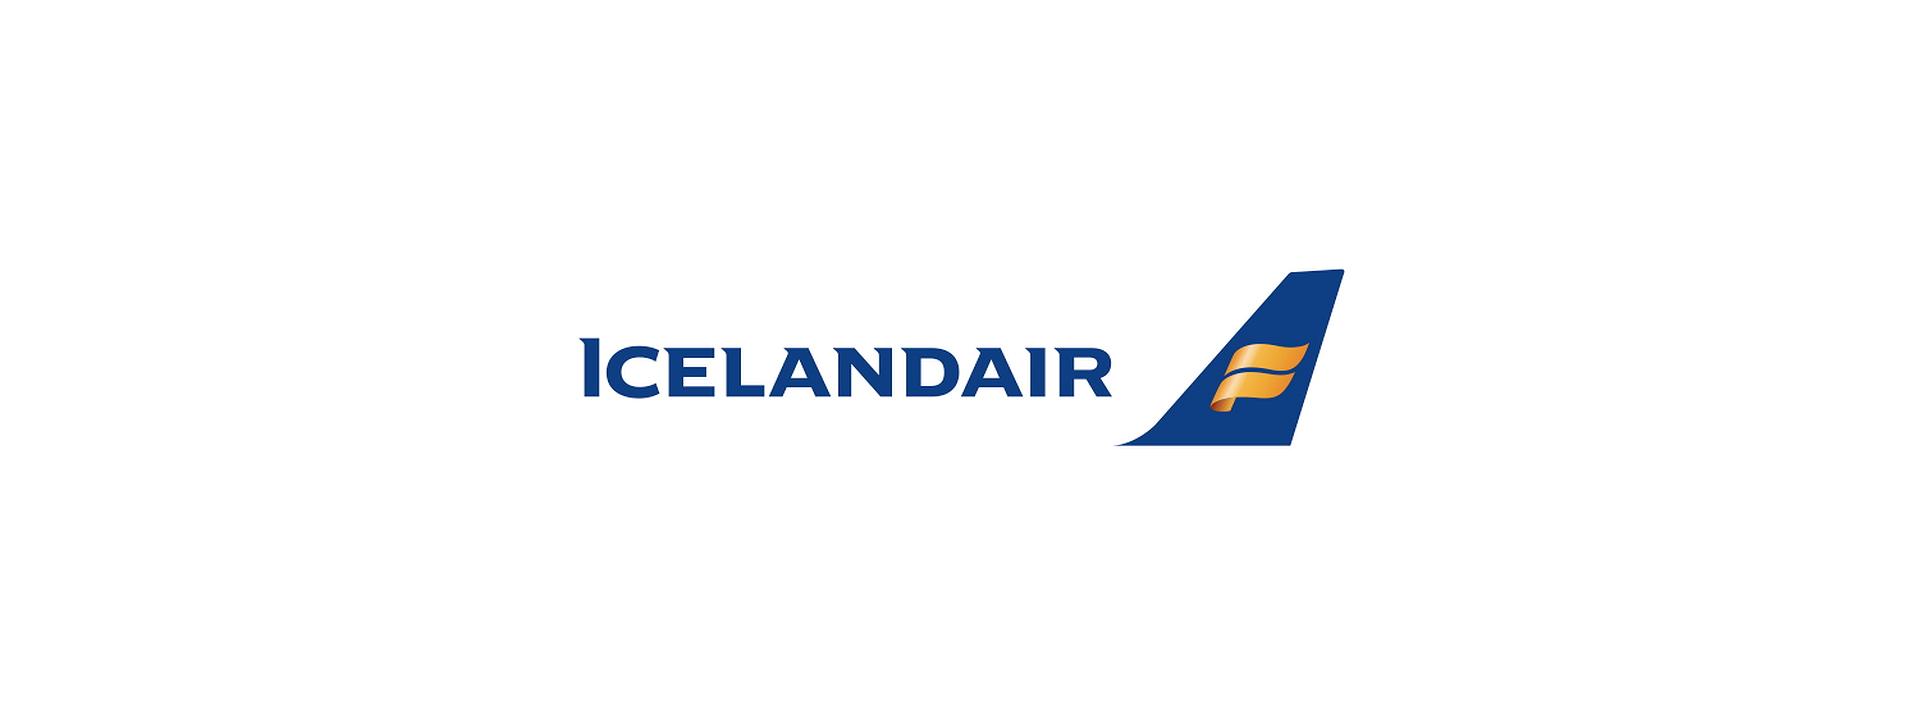 Icelandair_Heimaleikurinn_29.jpg